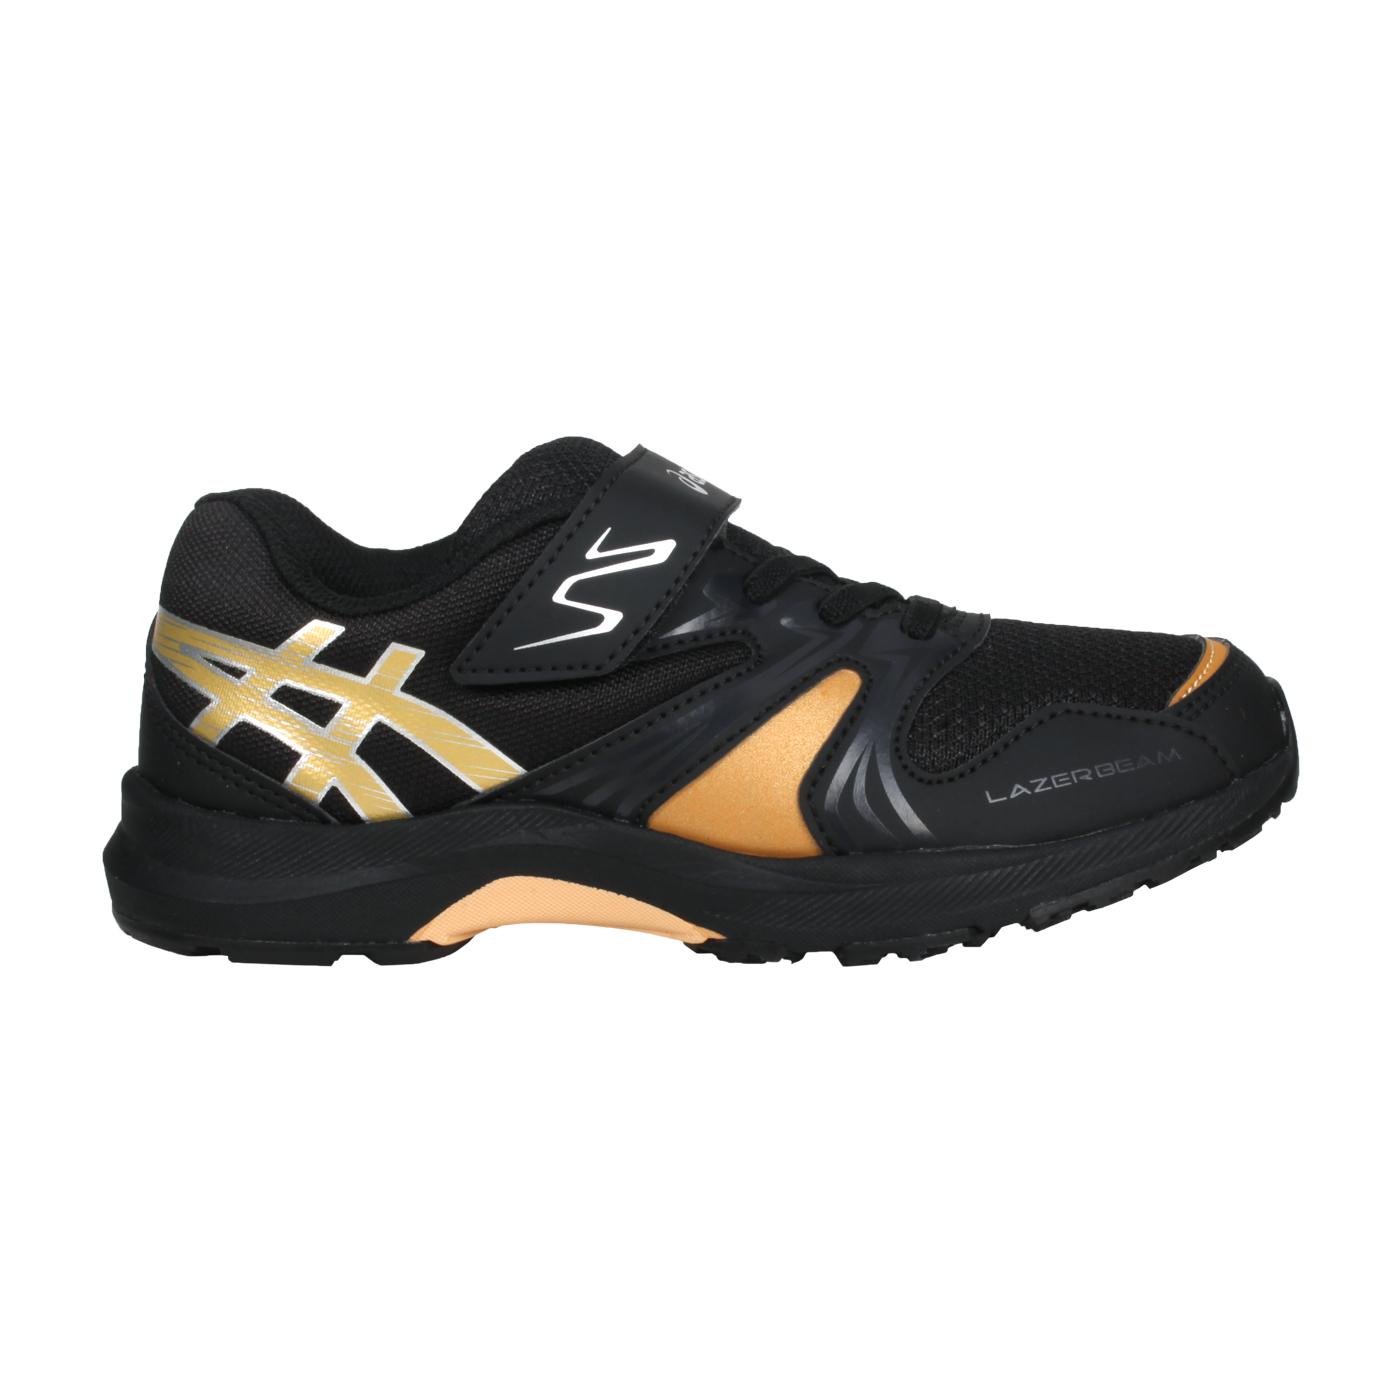 ASICS 中童運動鞋  @LAZERBEAM KA-MG@1154A109-001 - 黑金銀